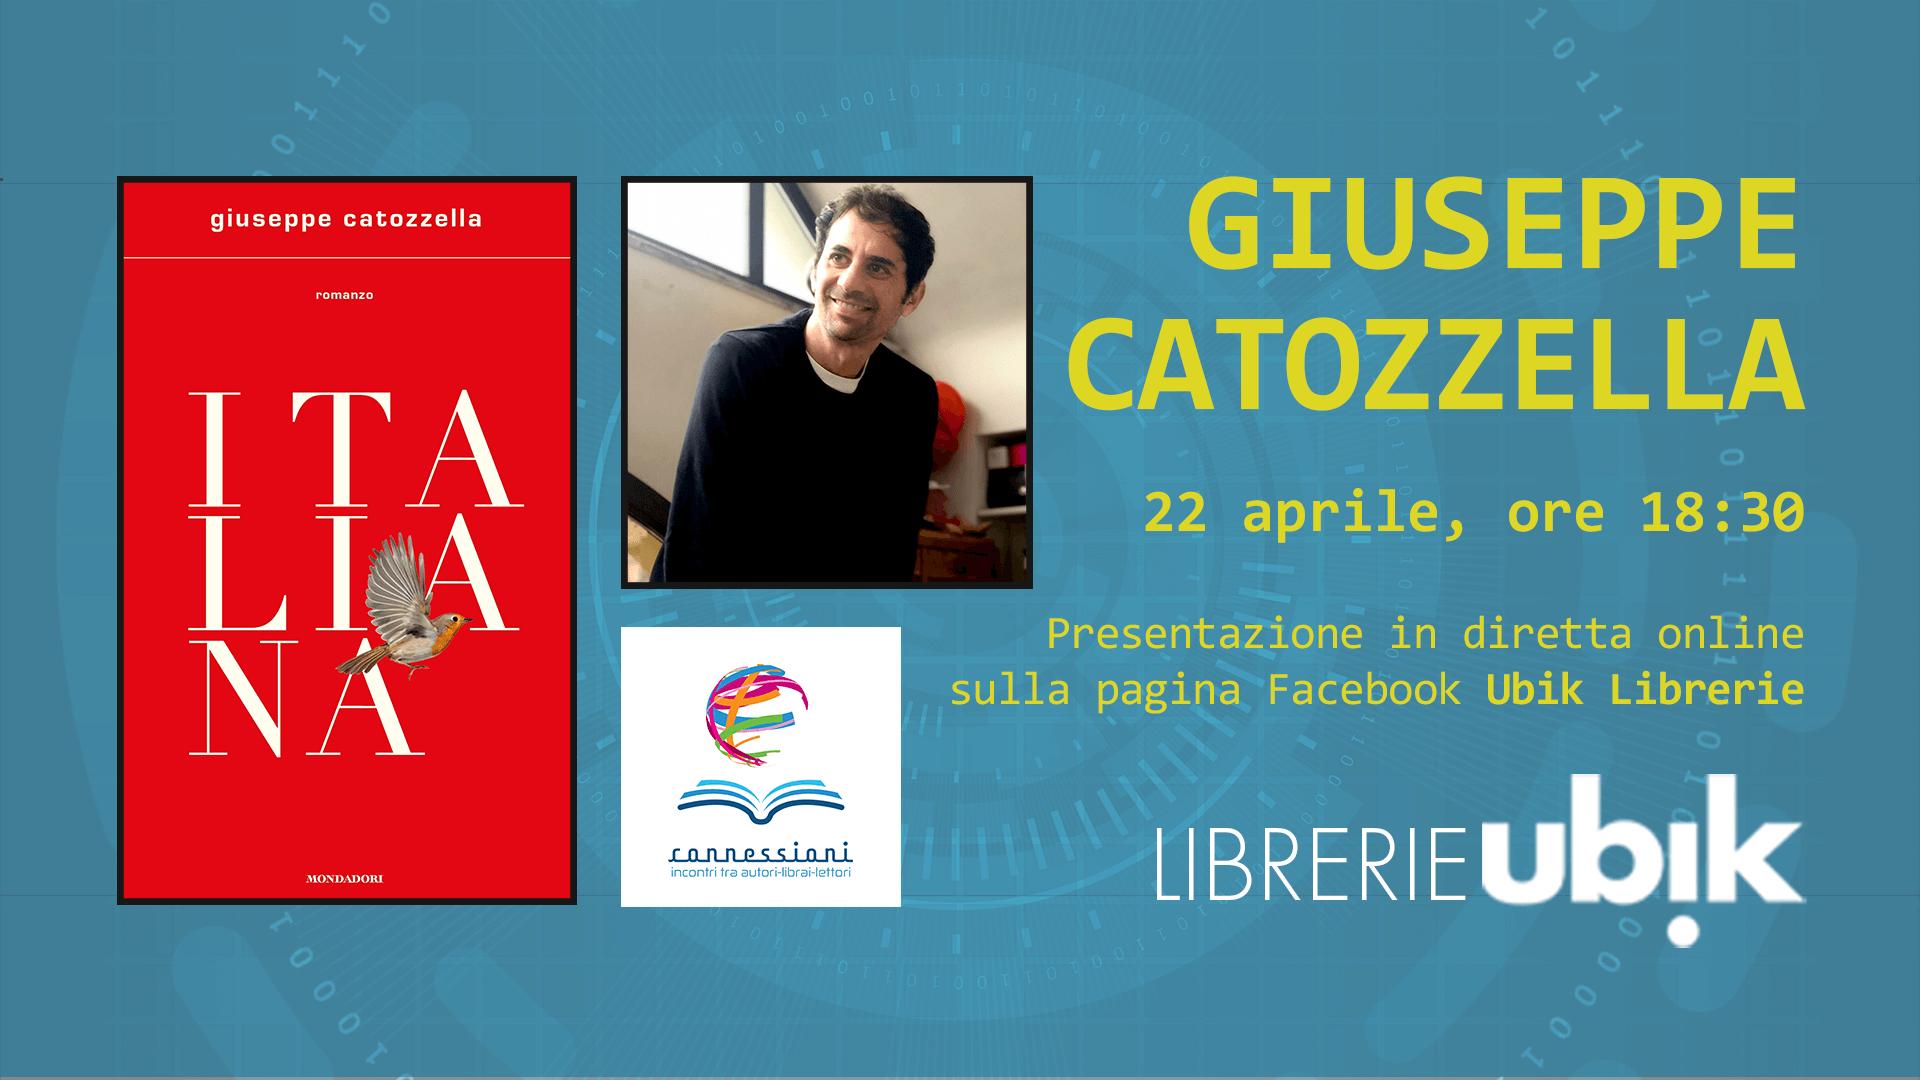 GIUSEPPE CATOZZELLA presenta in diretta online